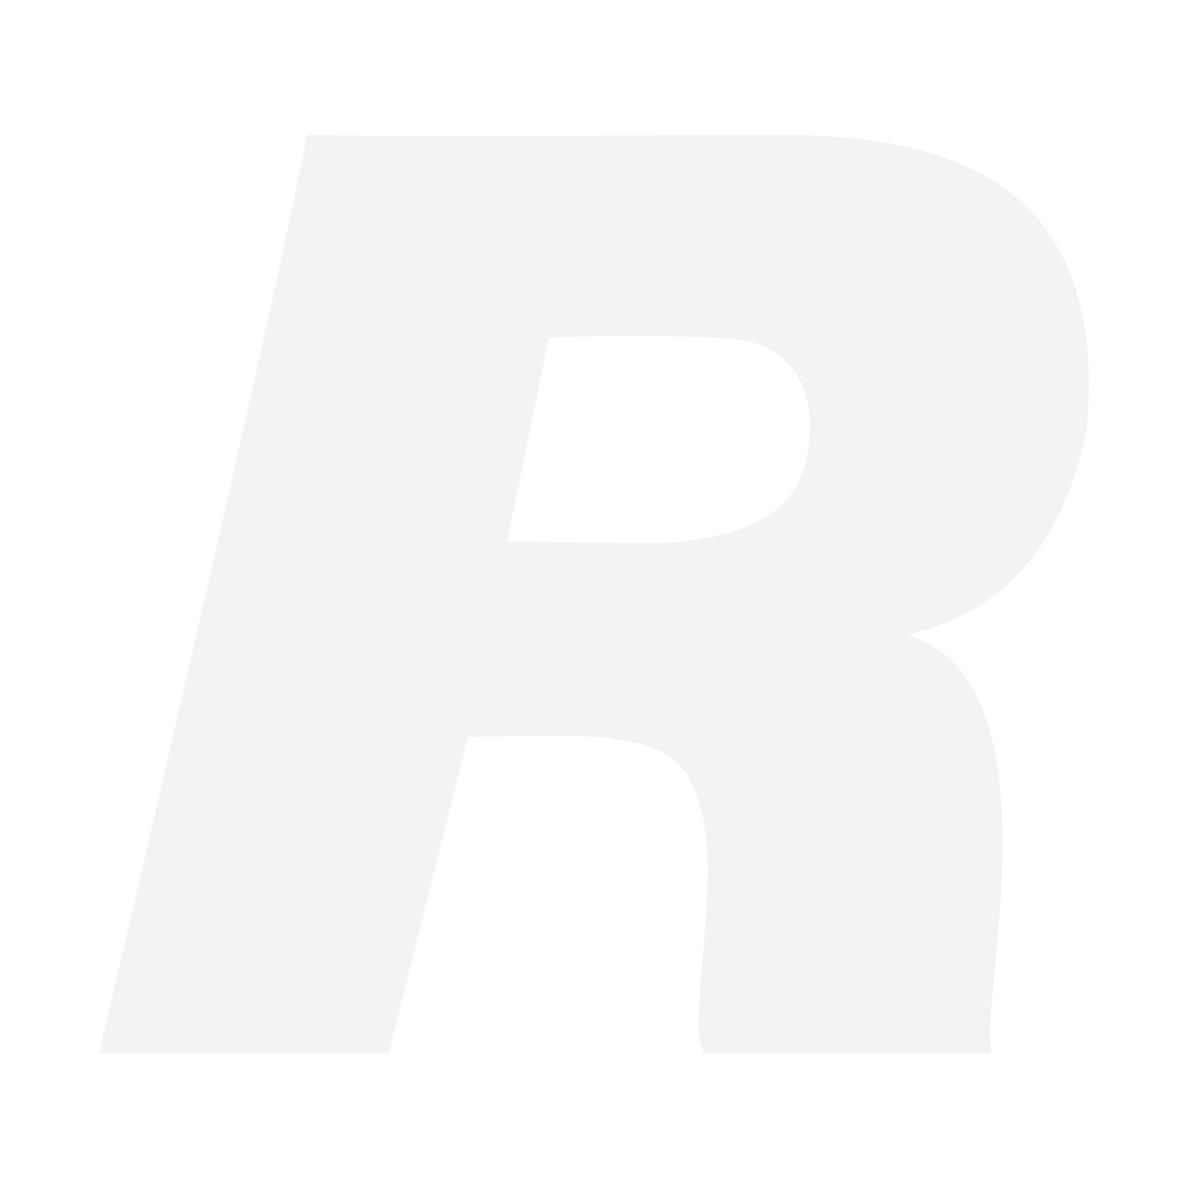 Sony kameroiden ja objektiivien 2 vuoden lisätakuu